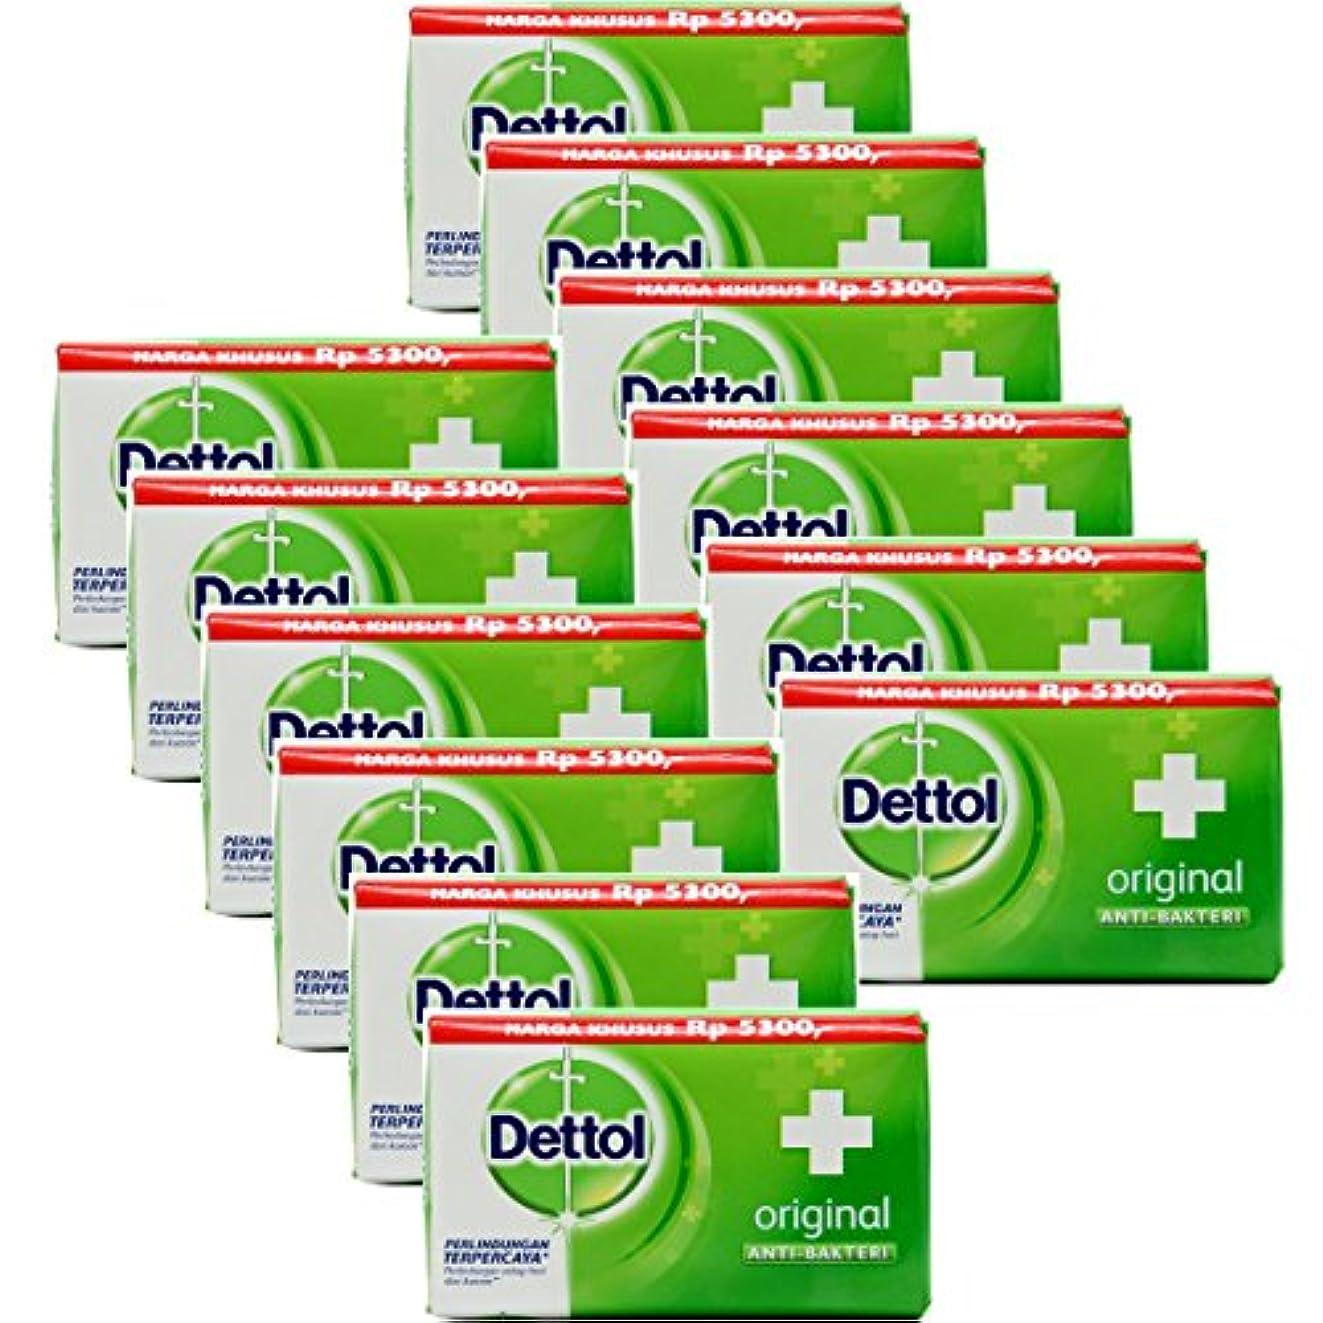 命令的建築歩き回るDettol(デトール) Anti-Bacterial Hand and Body Bar Soap, Original, 110 Gr / 3.88 Oz (12個セット)